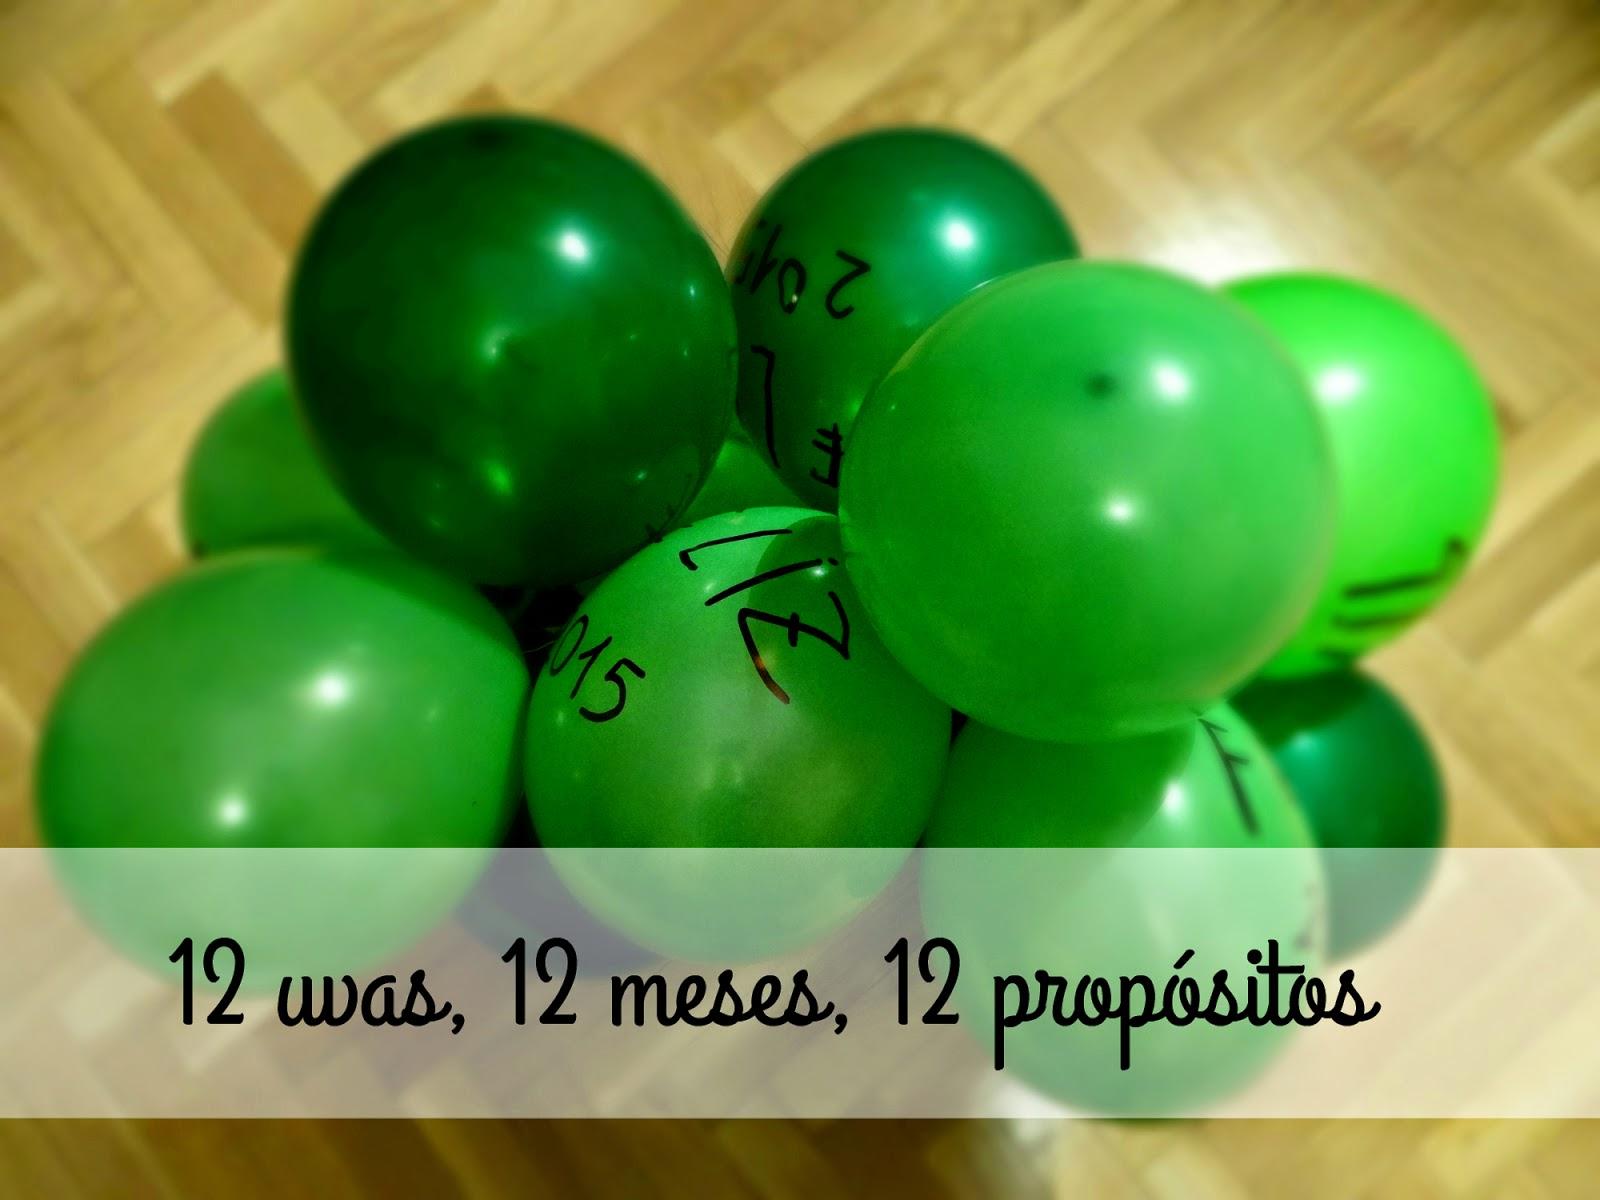 12 uvas, 12 meses, 12 propósitos